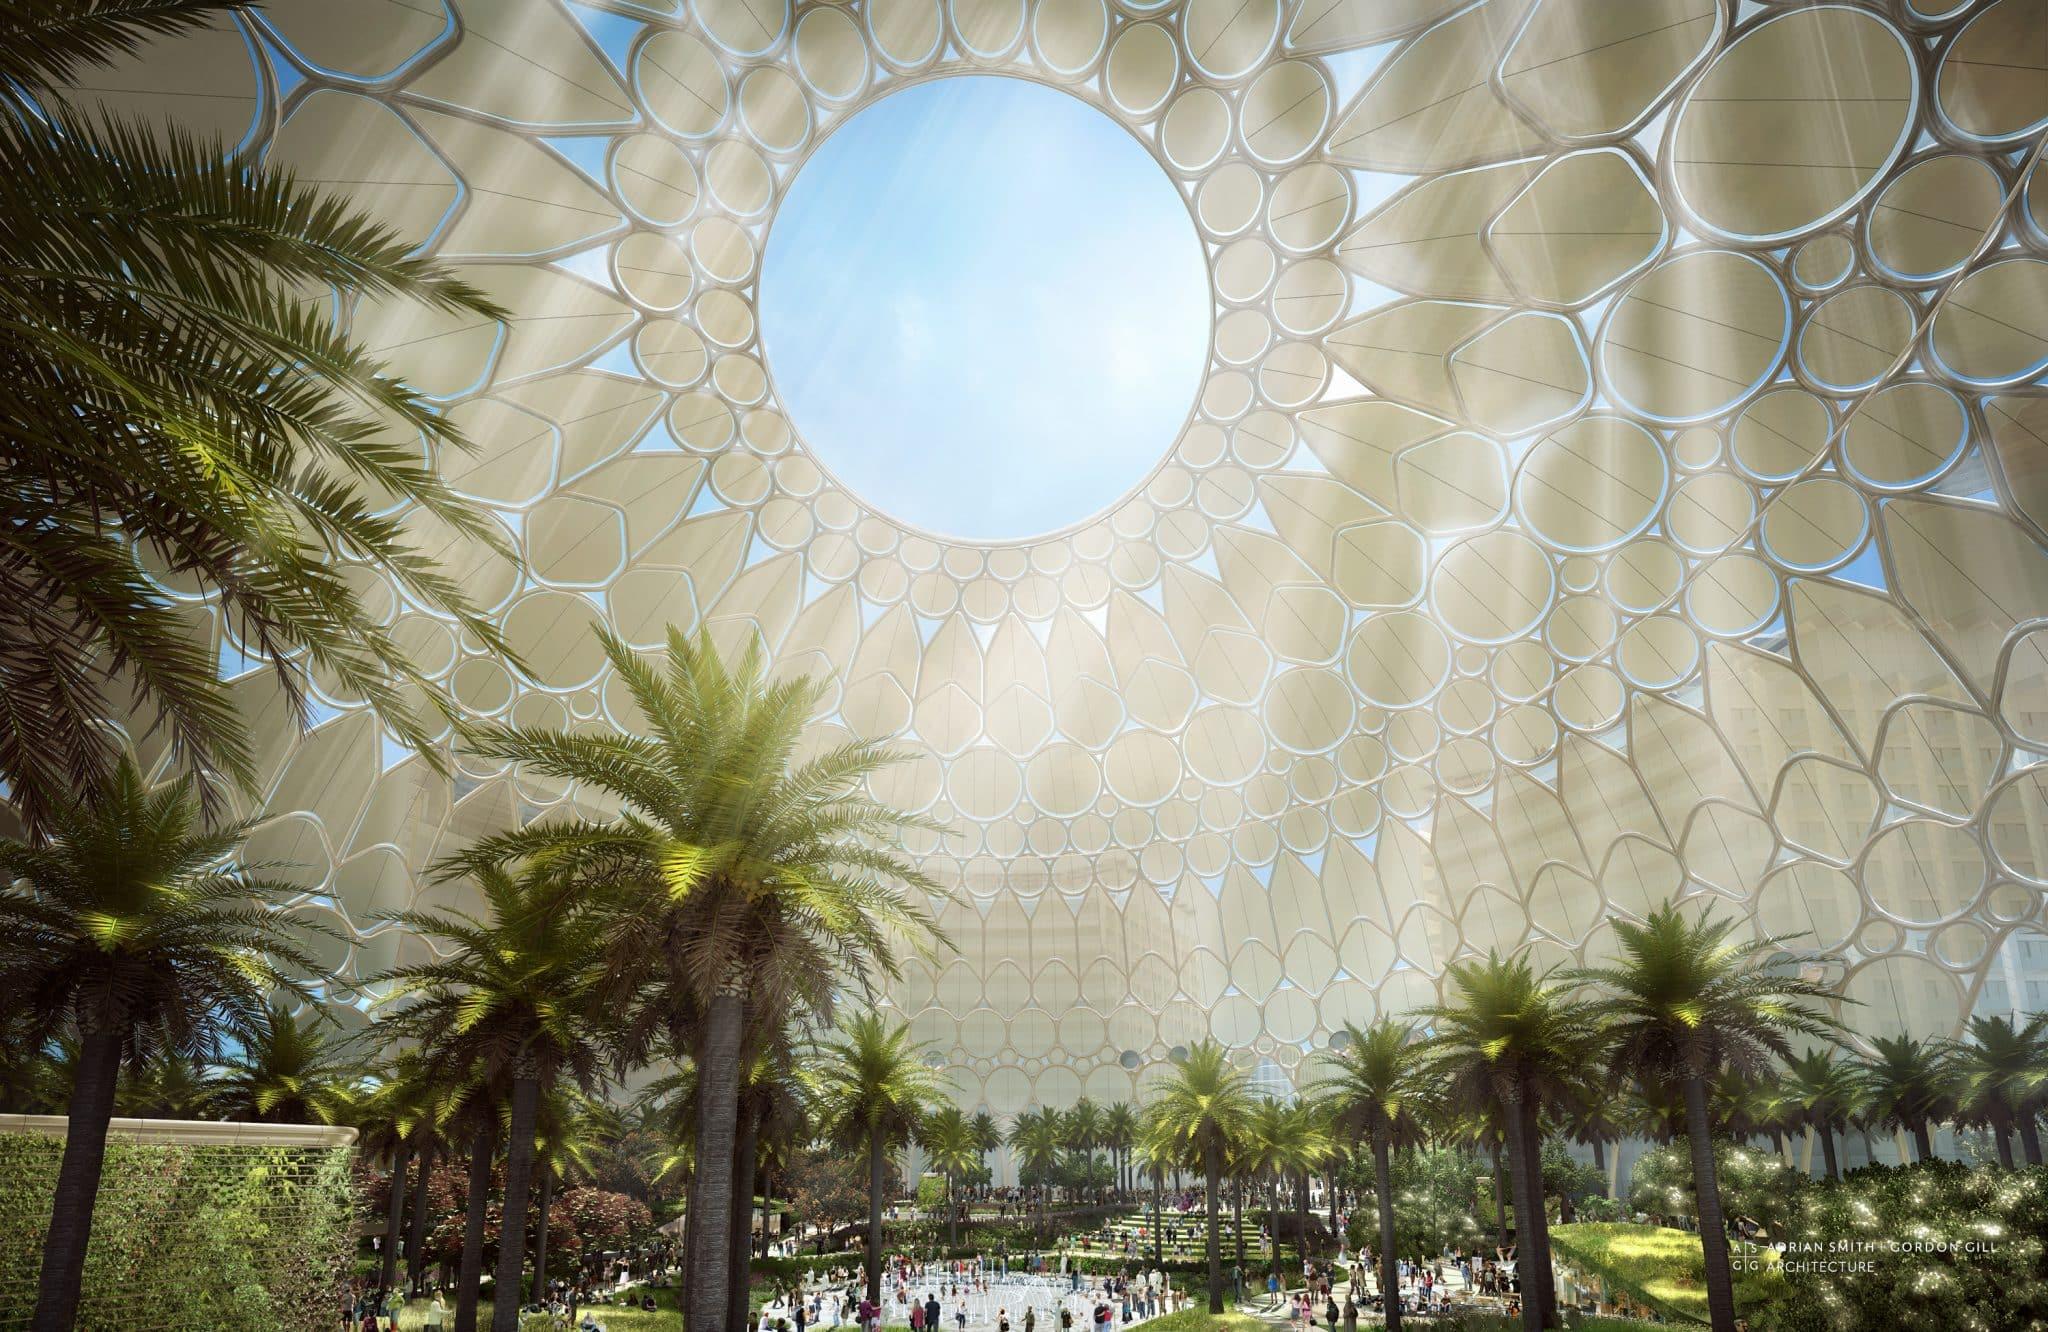 Al Wasl - kupola s najvacsiou sferickou projekciou na svete(vnútro)